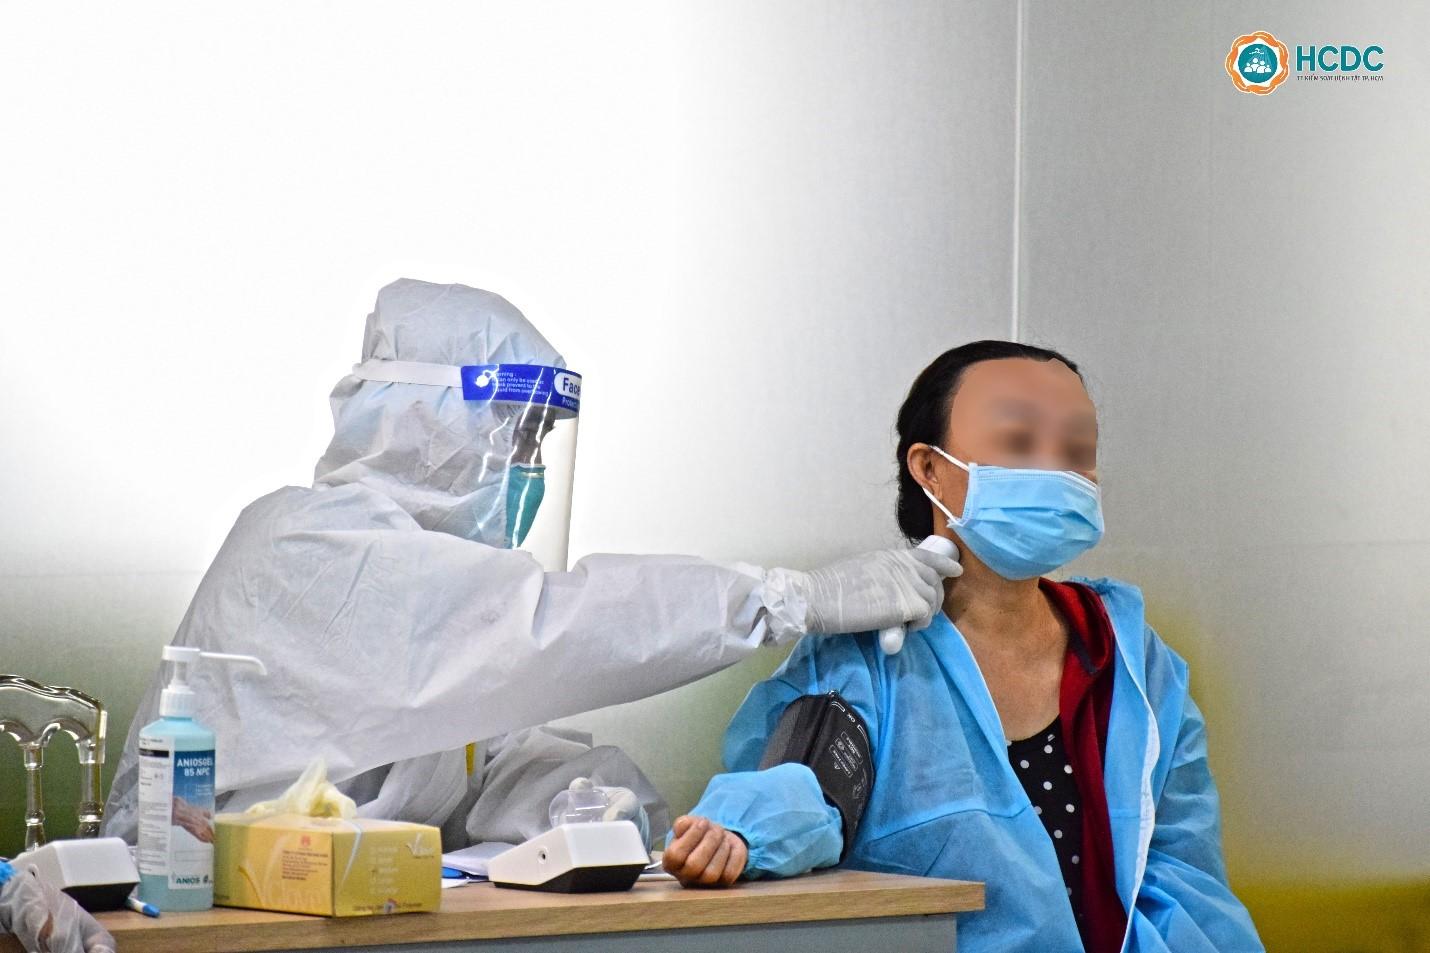 Bệnh nhân được đo thân nhiệt, lấy dấu sinh hiệu trước khi nhập viện.